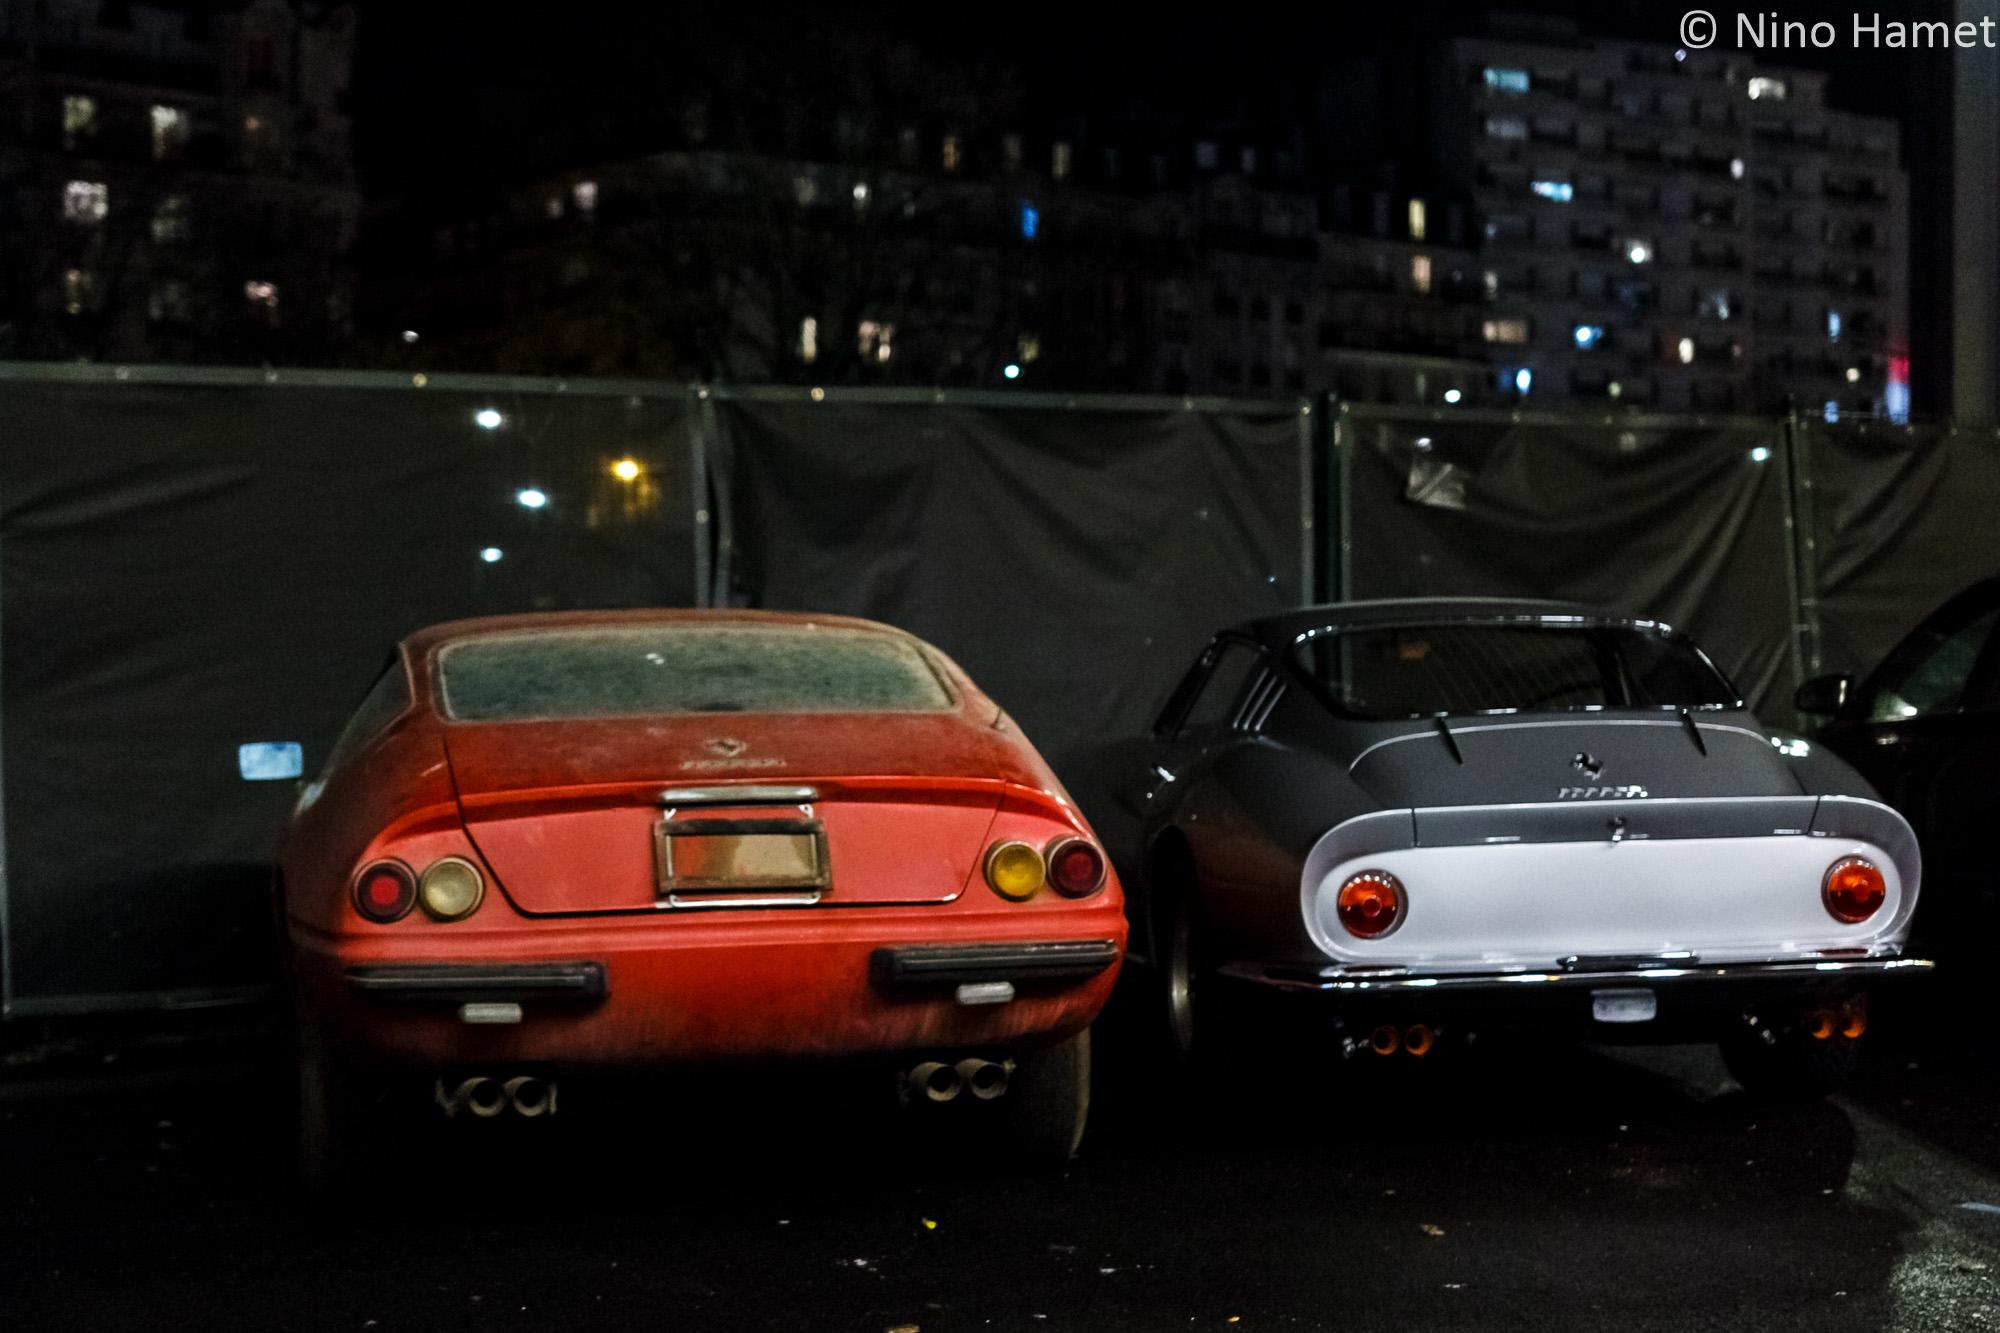 Ferrari 365 GTB/4 Daytona & Ferrari 275 GTB